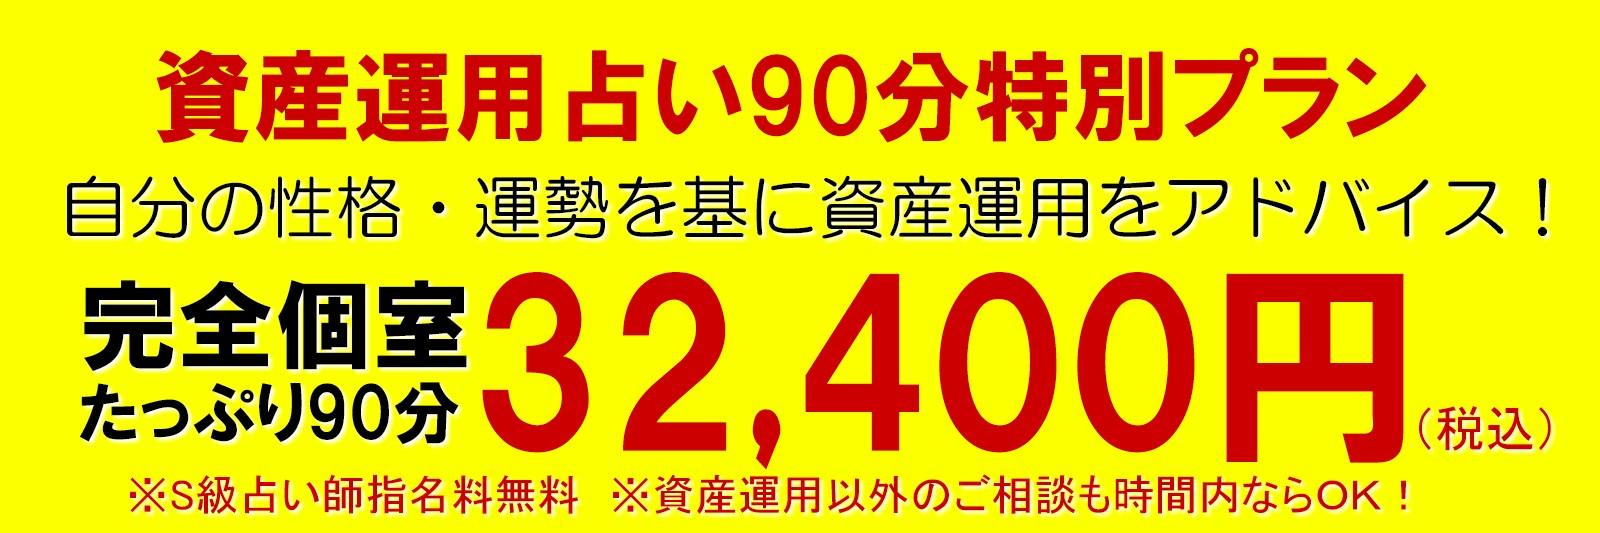 東京で投資占いなら四柱推命・西洋占星術を活用し個別アドバイスができる占い館BCAFE(ビーカフェ)渋谷店がオススメ!セミナー・書籍・ブログには掲載がない占いを活用しアナタの・金運・財運からアドバイス。